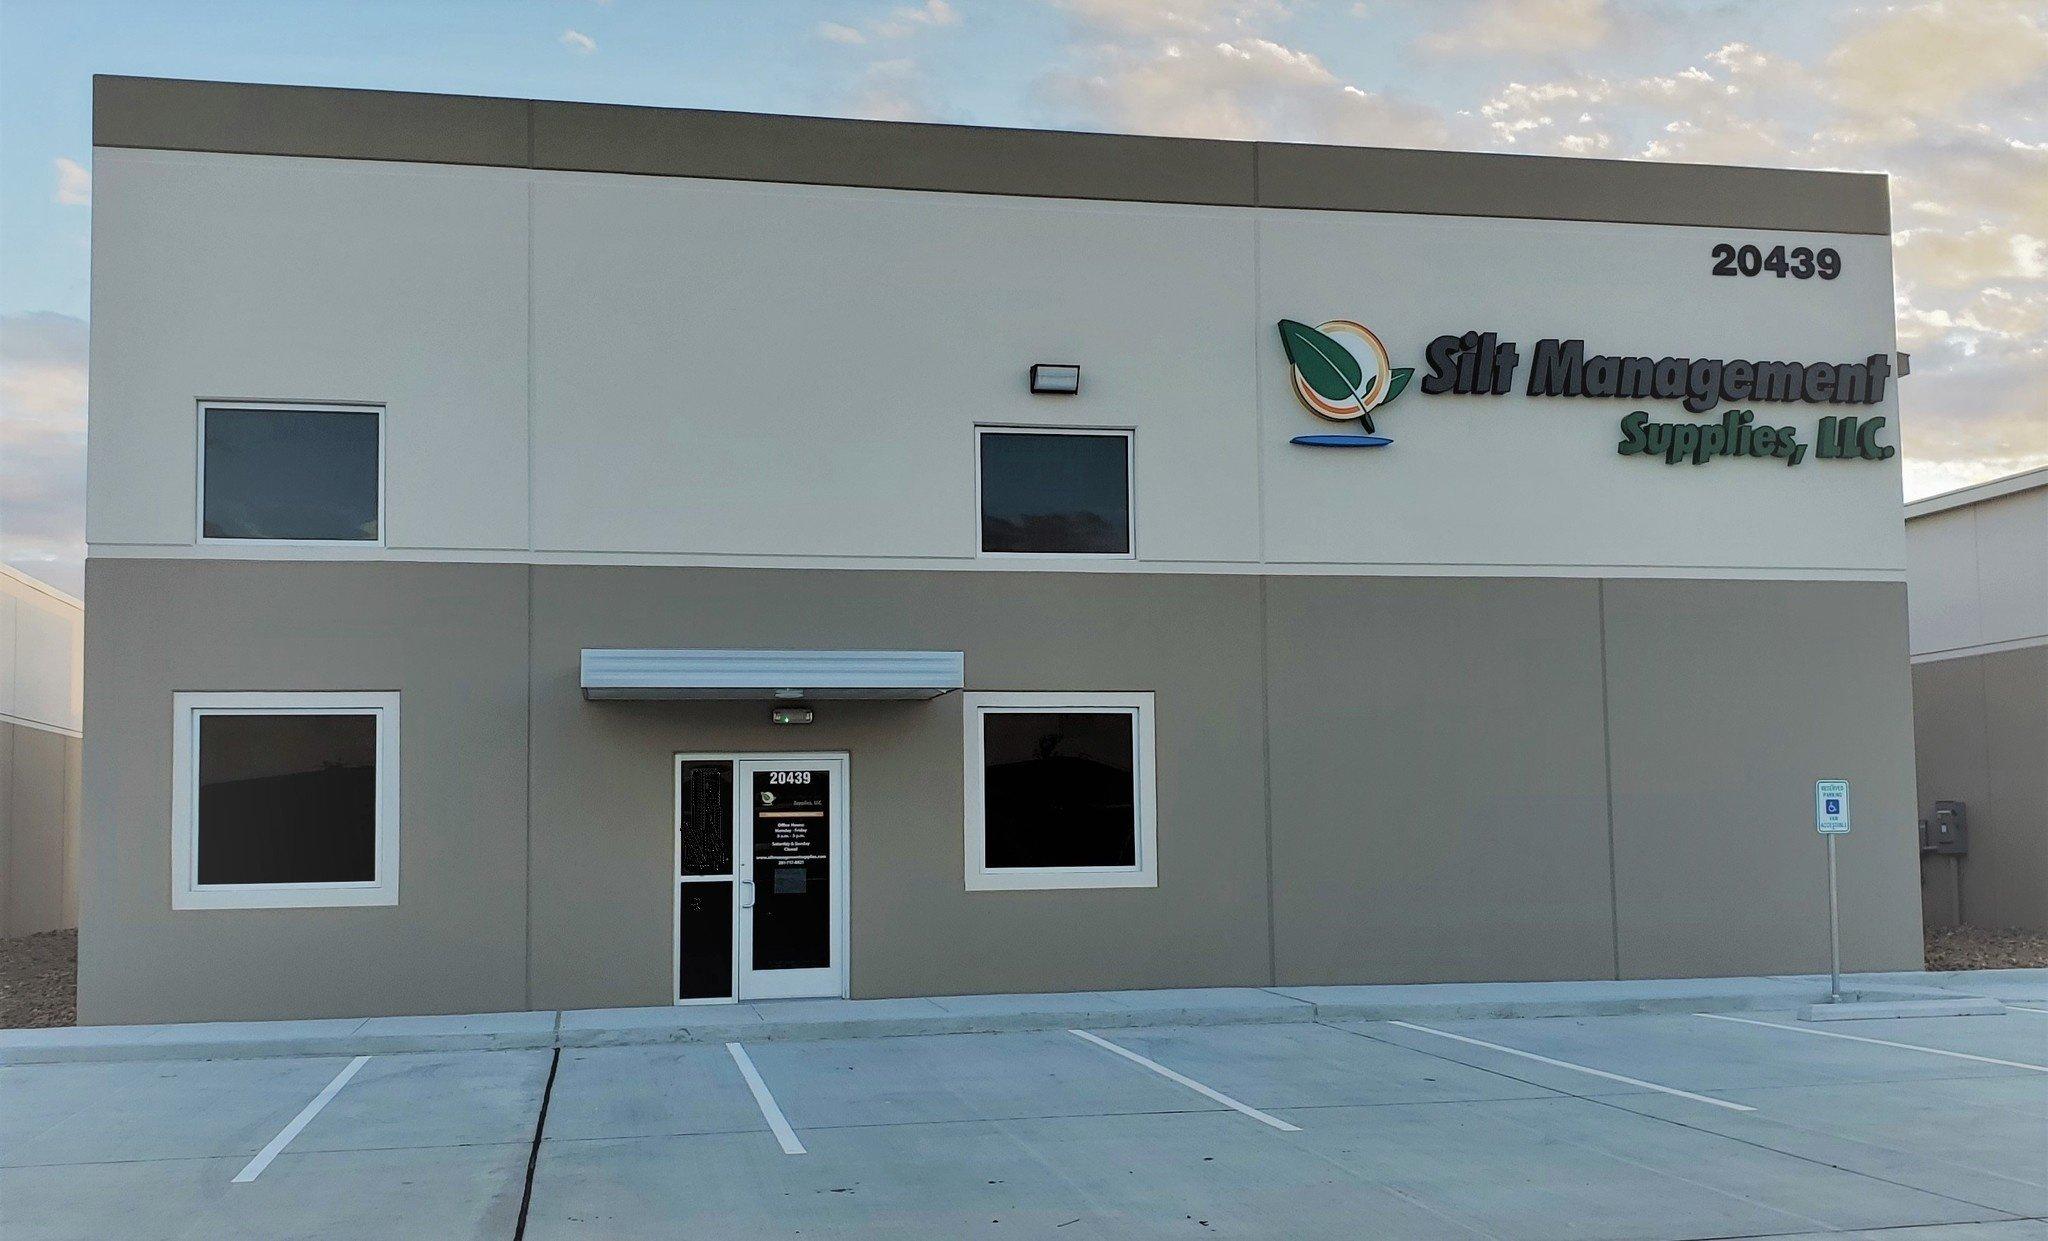 Silt Management Supplies' Warehouse